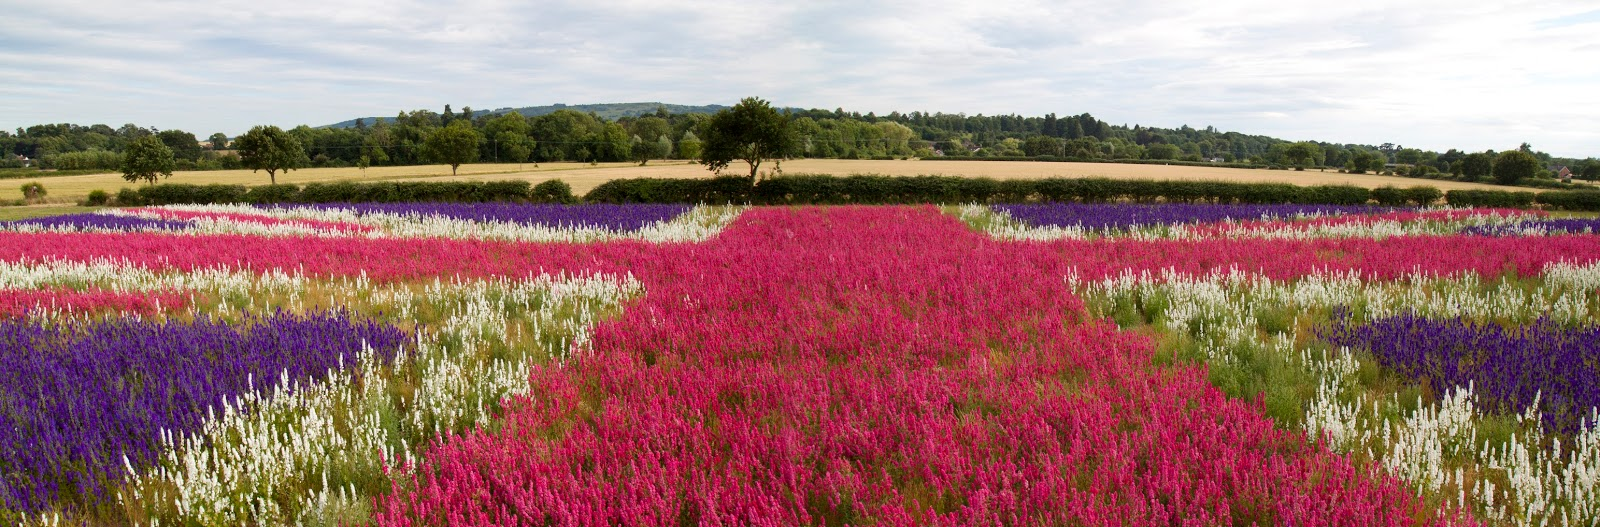 Ngỡ ngàng vẻ đẹp thiên đường hoa mùa hè chỉ mở cửa 7 ngày mỗi năm - ảnh 3